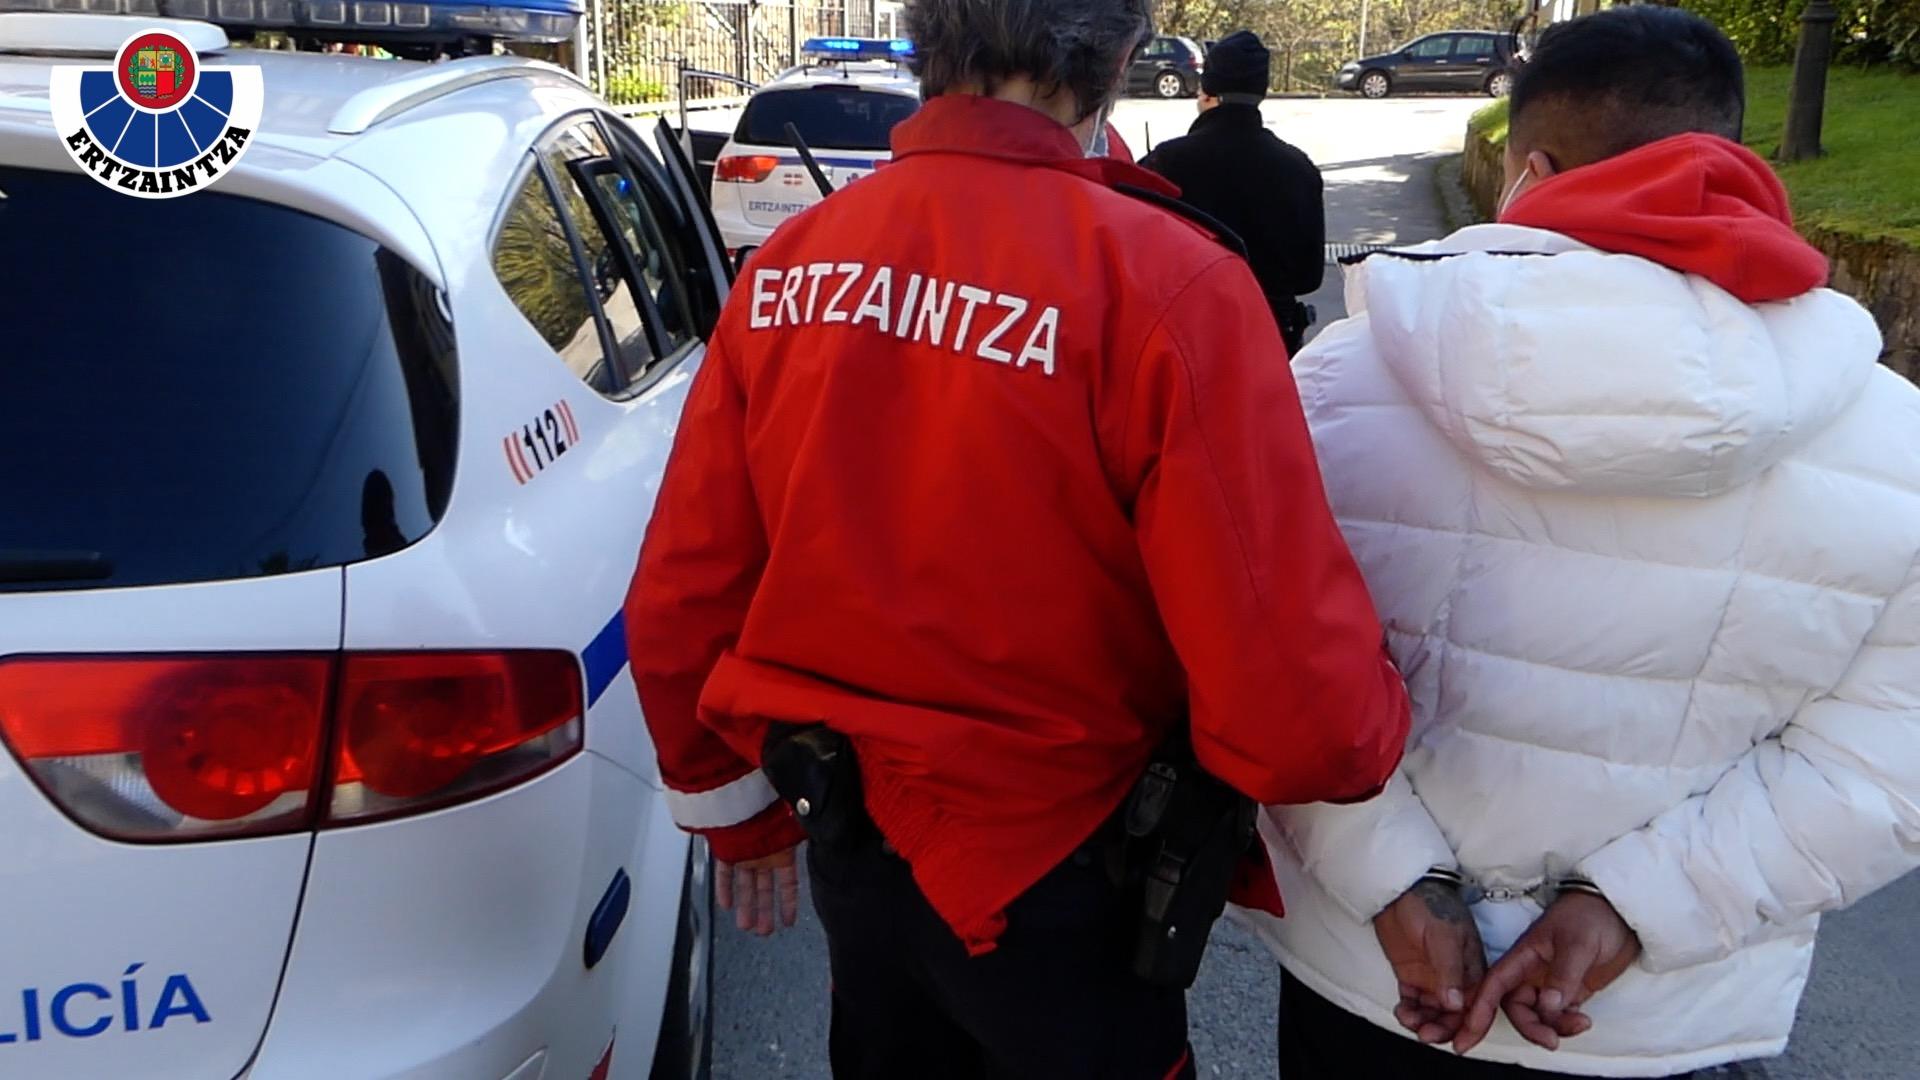 Ertzaintzak lan-esplotazioa helburu zuen nikaraguar jatorriko pertsonen trafikoan ari zen talde kriminal bat desegin du [2:17]